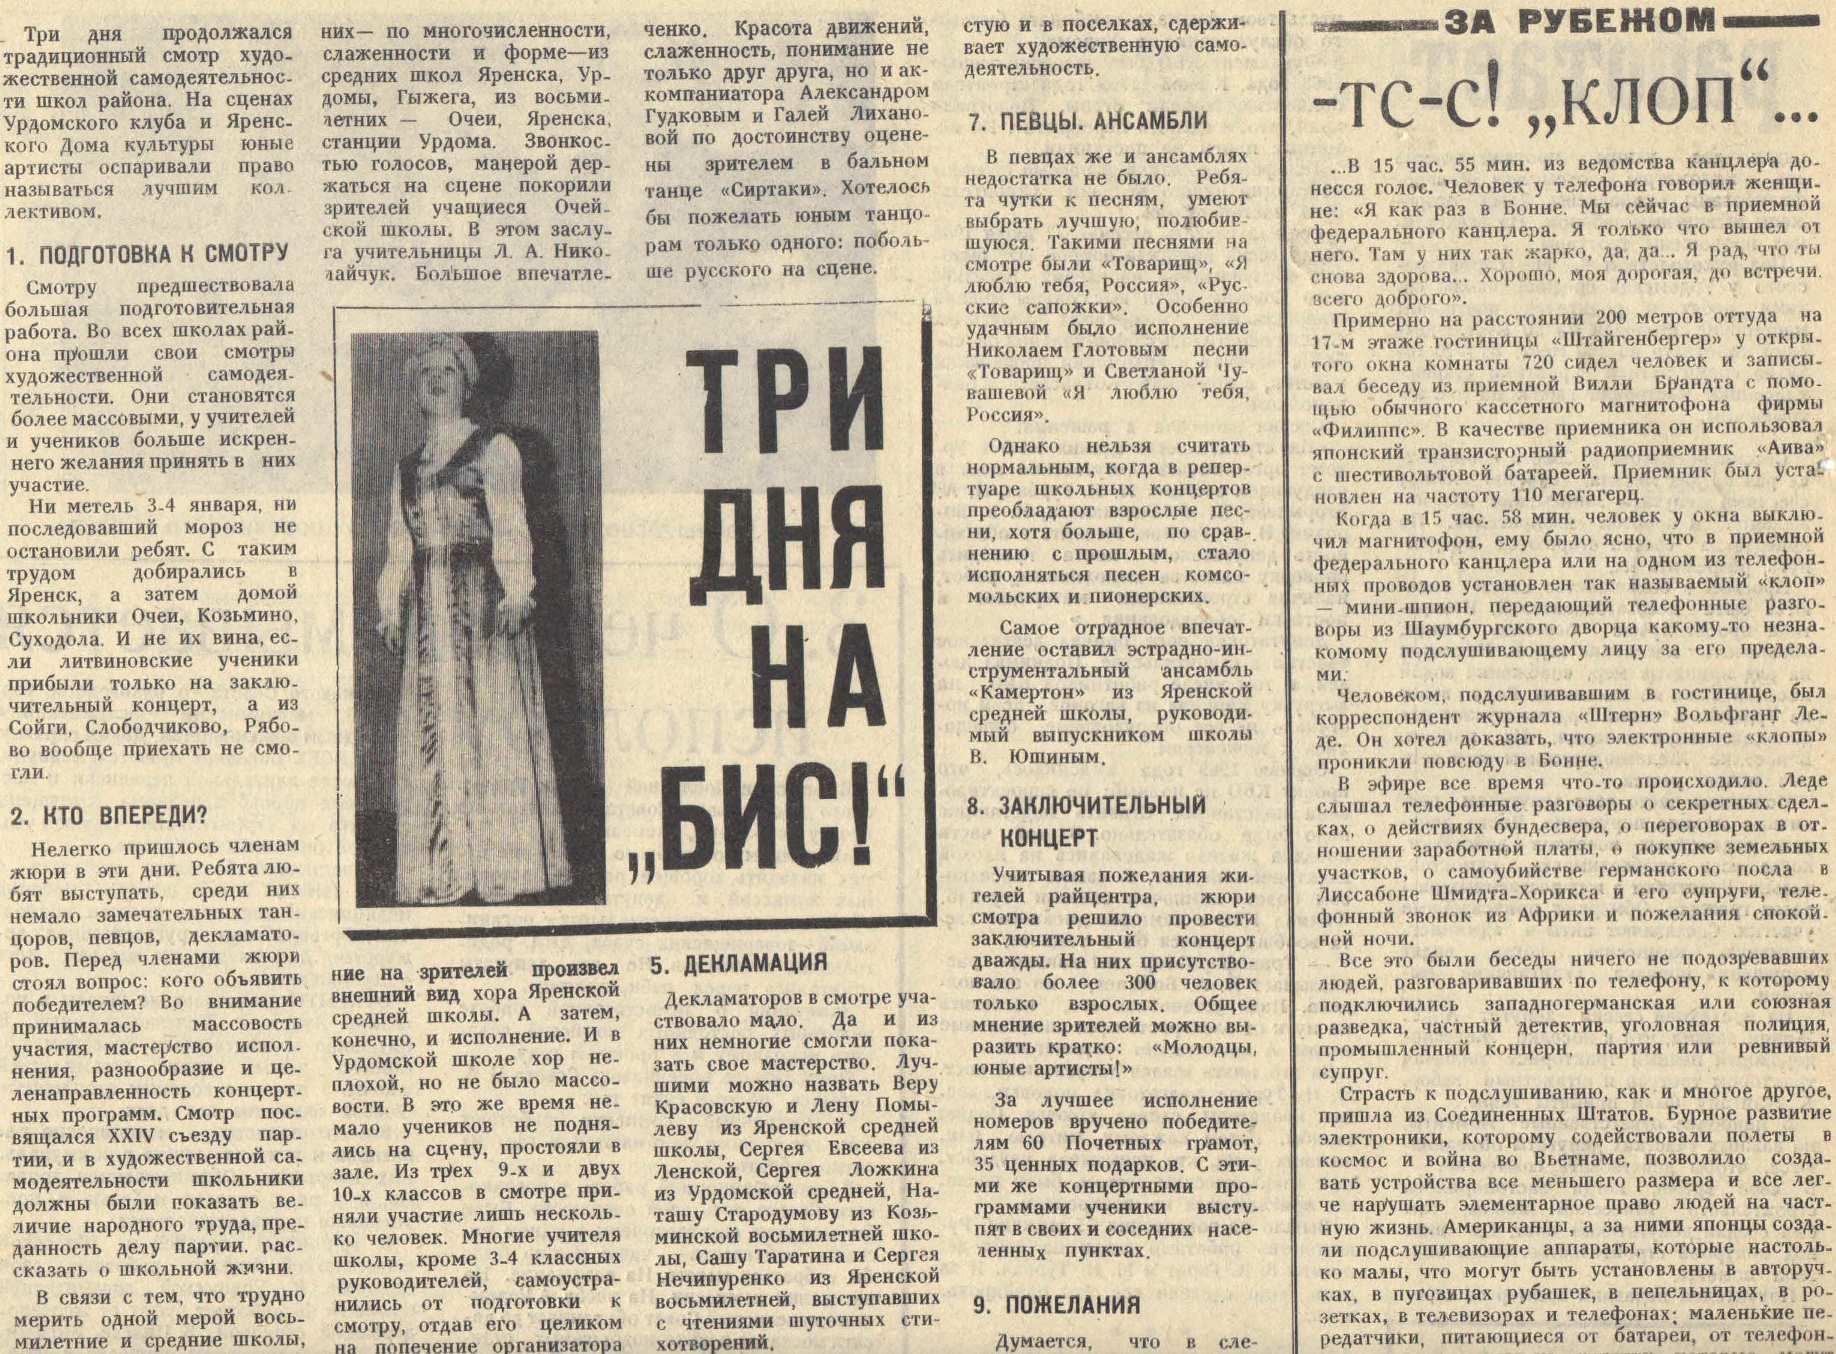 Маяк 16.01.1971 Урдомский поссовет. Почетная грамота (7)